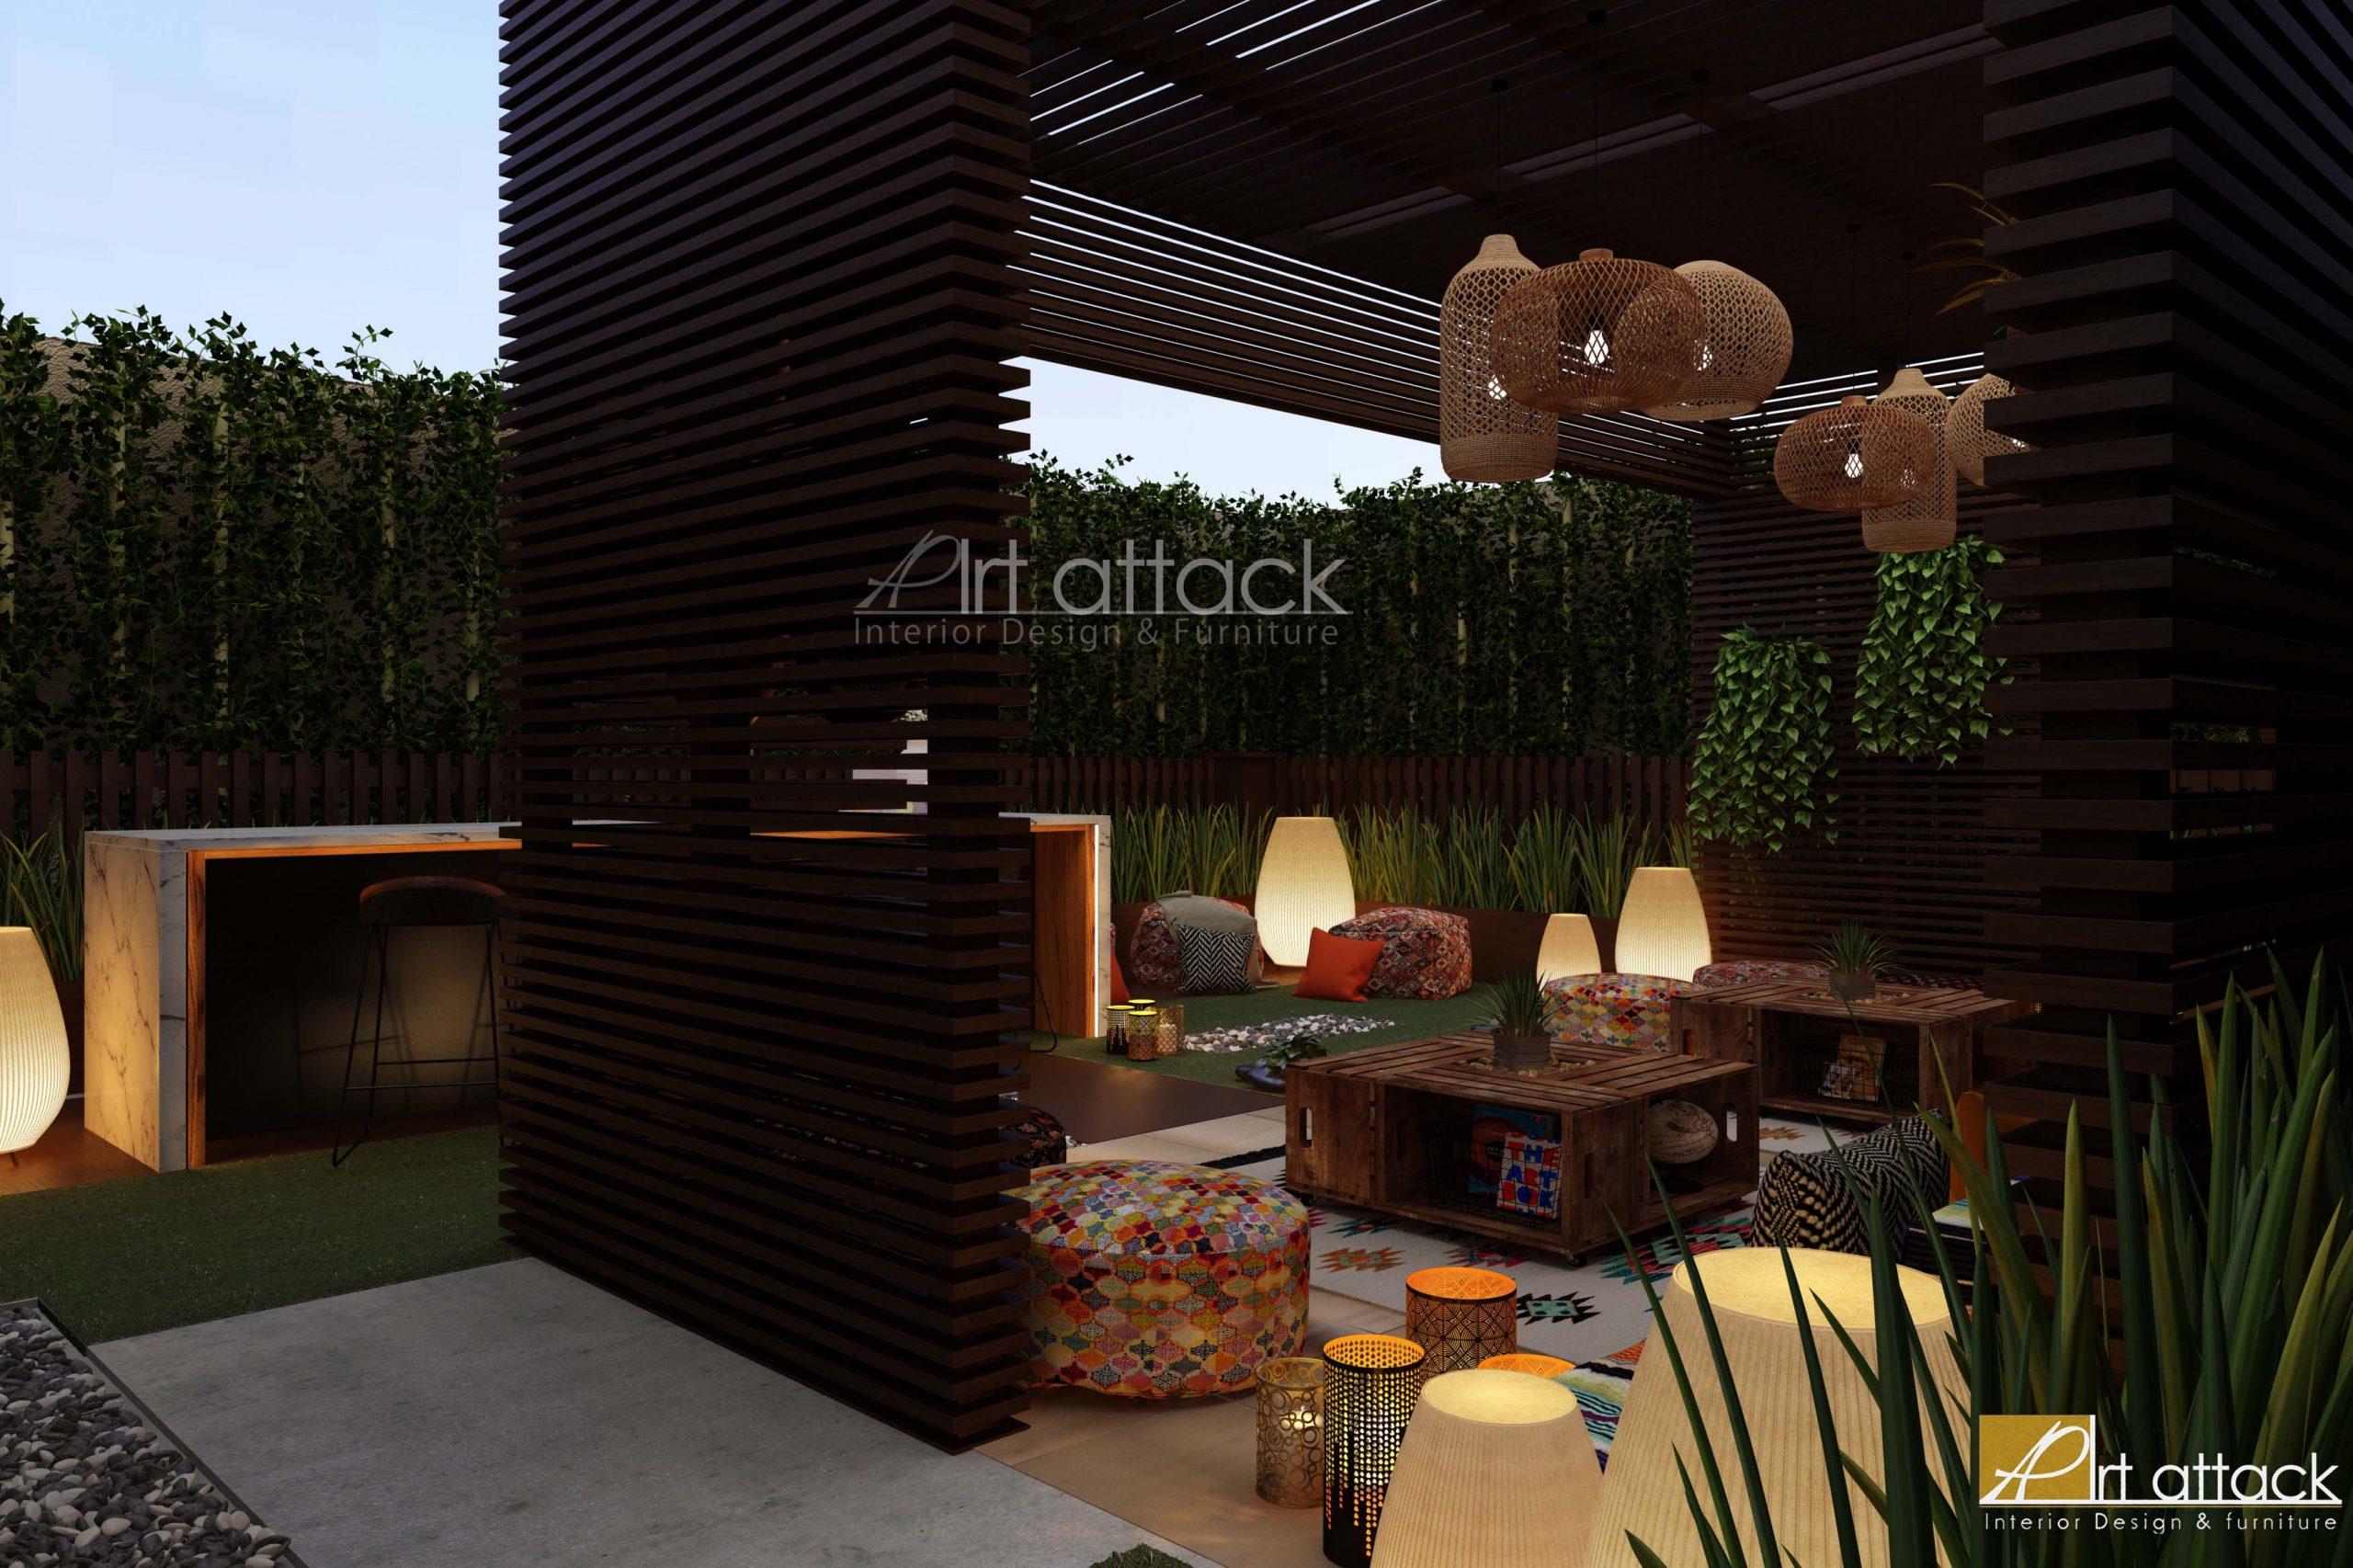 شركة ديكور بالقاهرة,مصمم ديكور بالقاهرة,شركة ديكور بالتجمع,تصميم رووف عمارة,interiordesign,decoration,design,decor,modern,classic,exteriordesign,modern,classic,jpg